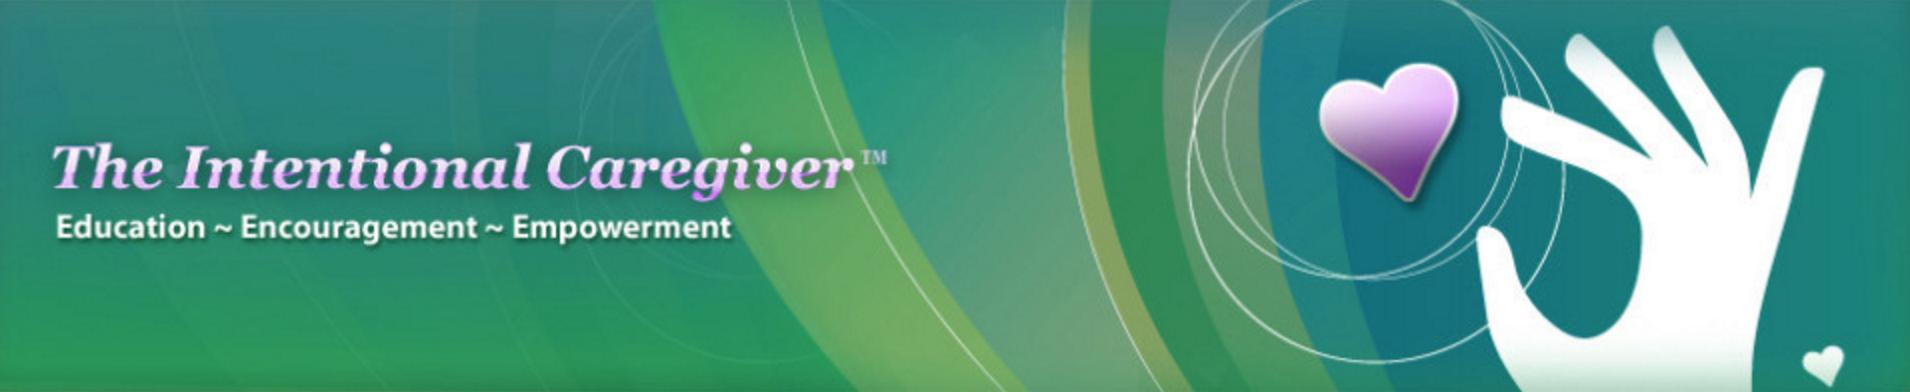 Intentional caregiver logo